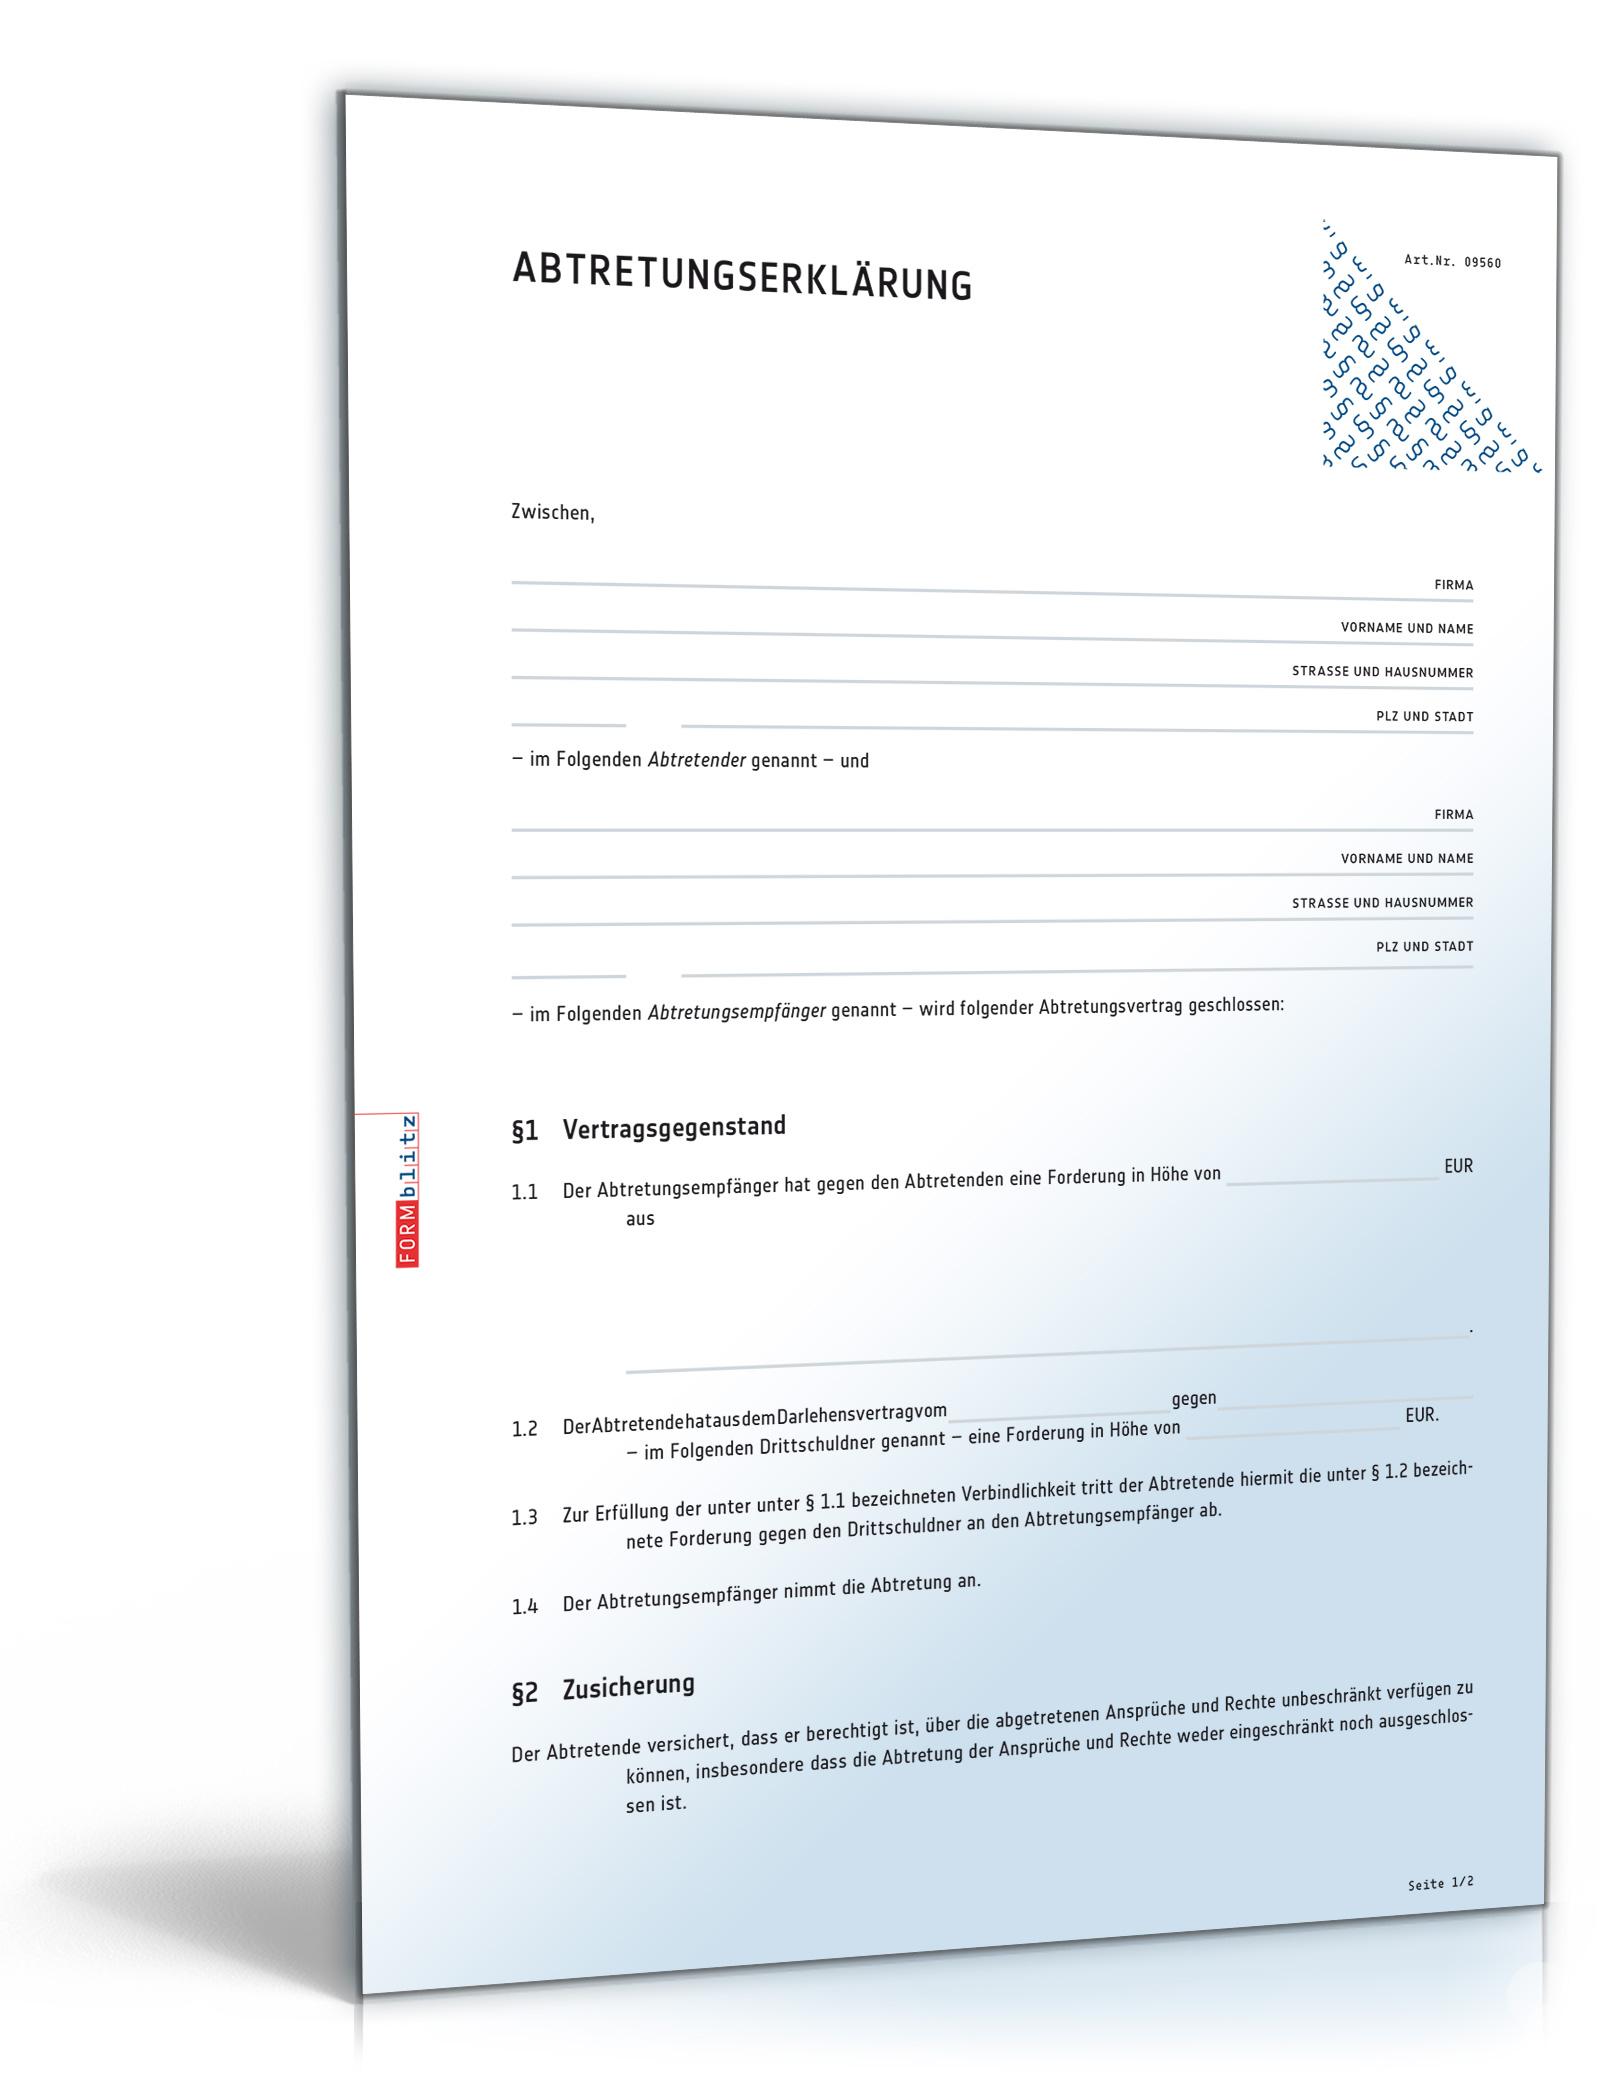 Abtretungserklarung Rechtssicheres Muster Zum Download